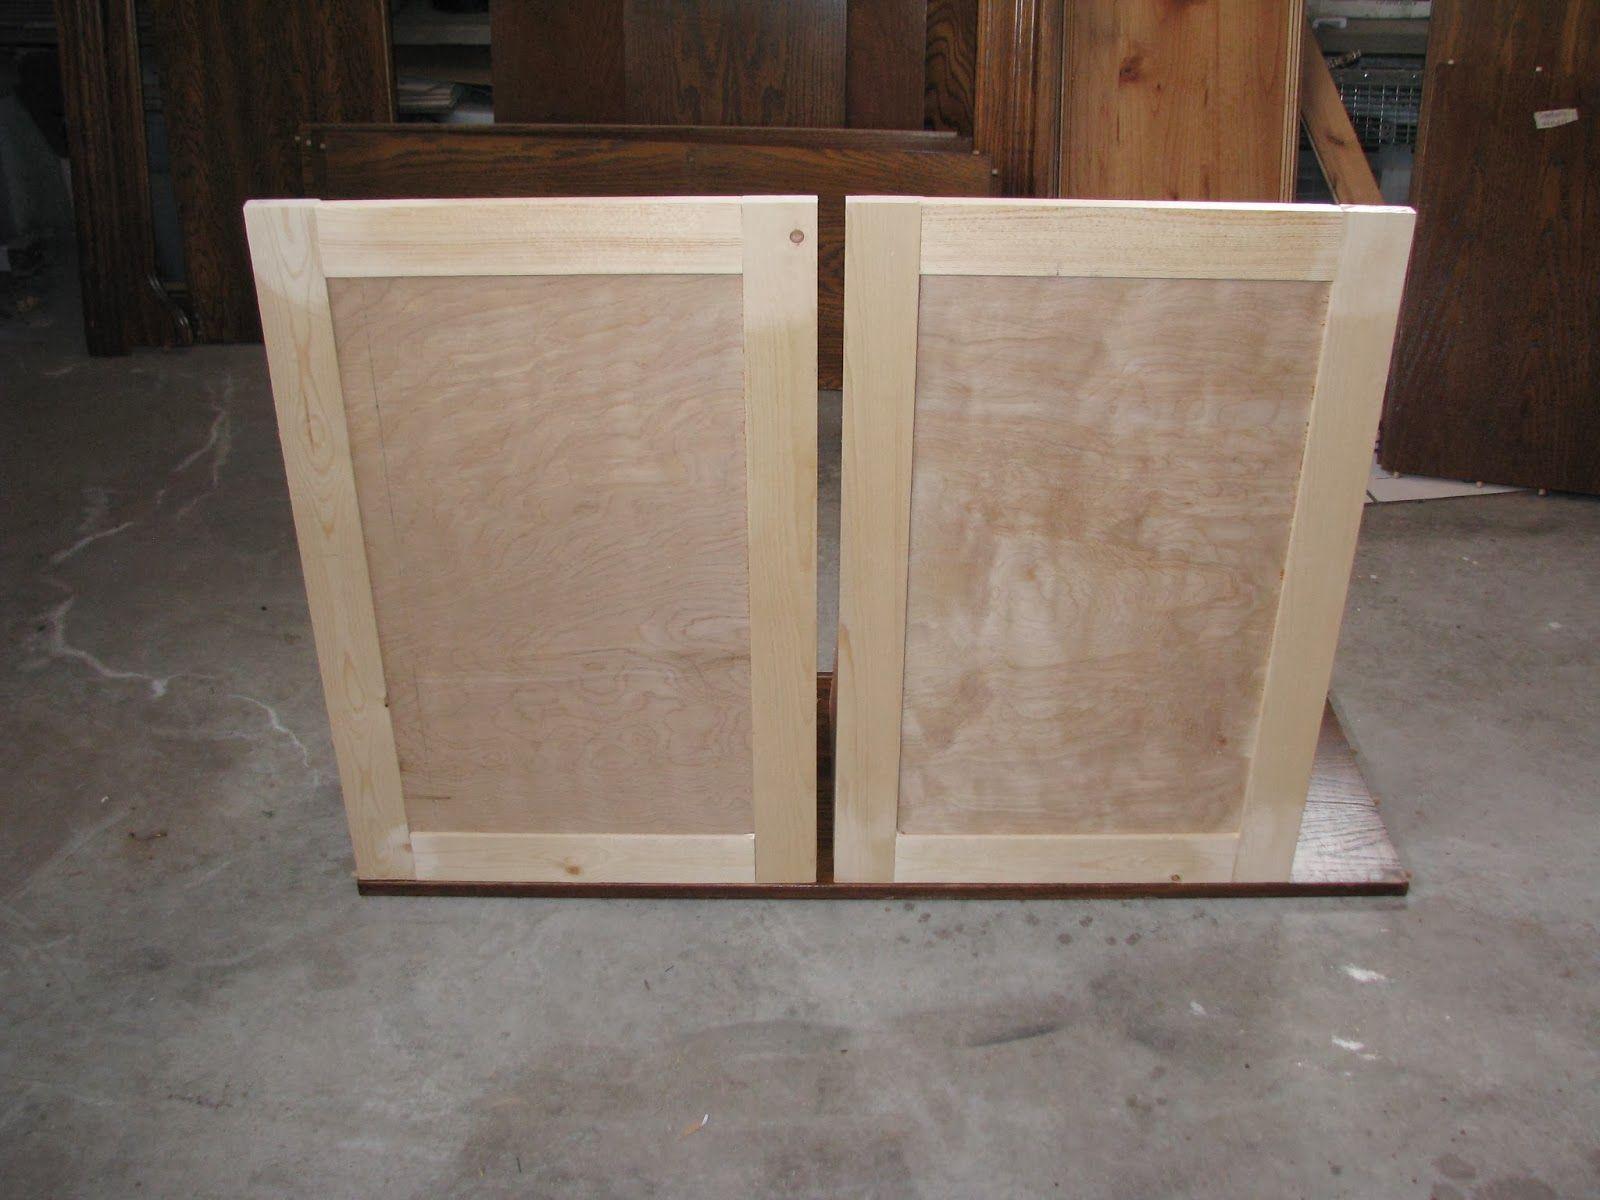 Best Kitchen Gallery: Making Cabi Doors Using A Kreg Jig Diy Furniture Fix Ups of Kreg Jig Kitchen Cabinet Plans on rachelxblog.com